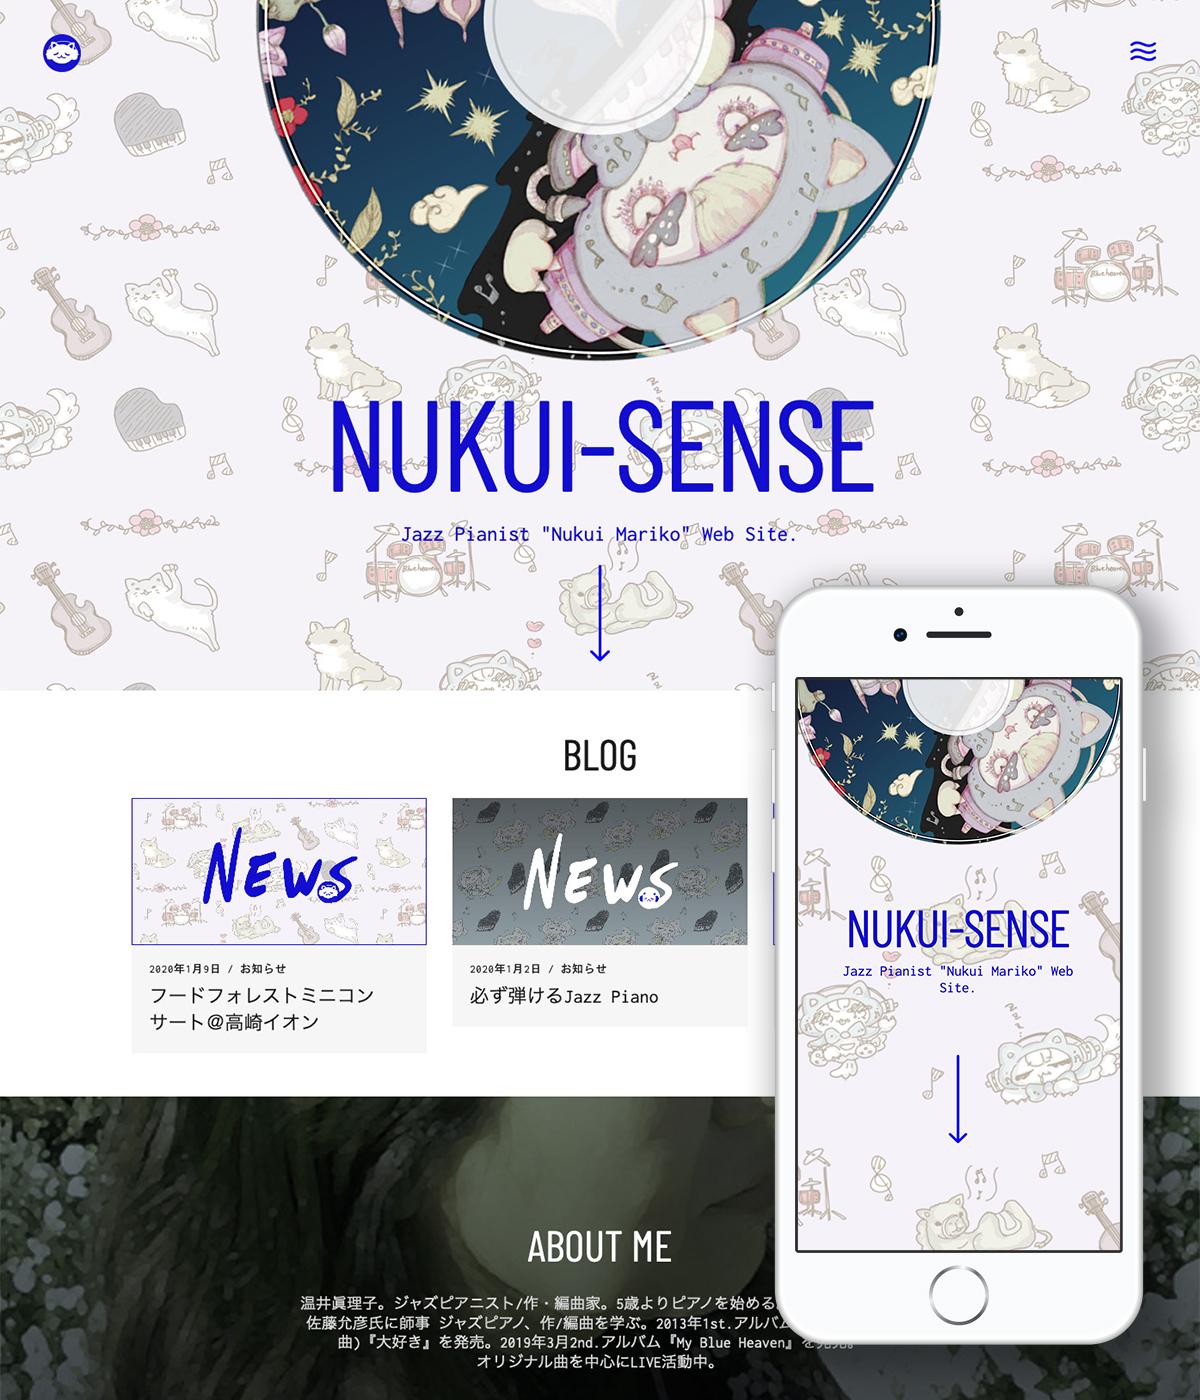 nukui-sense-01